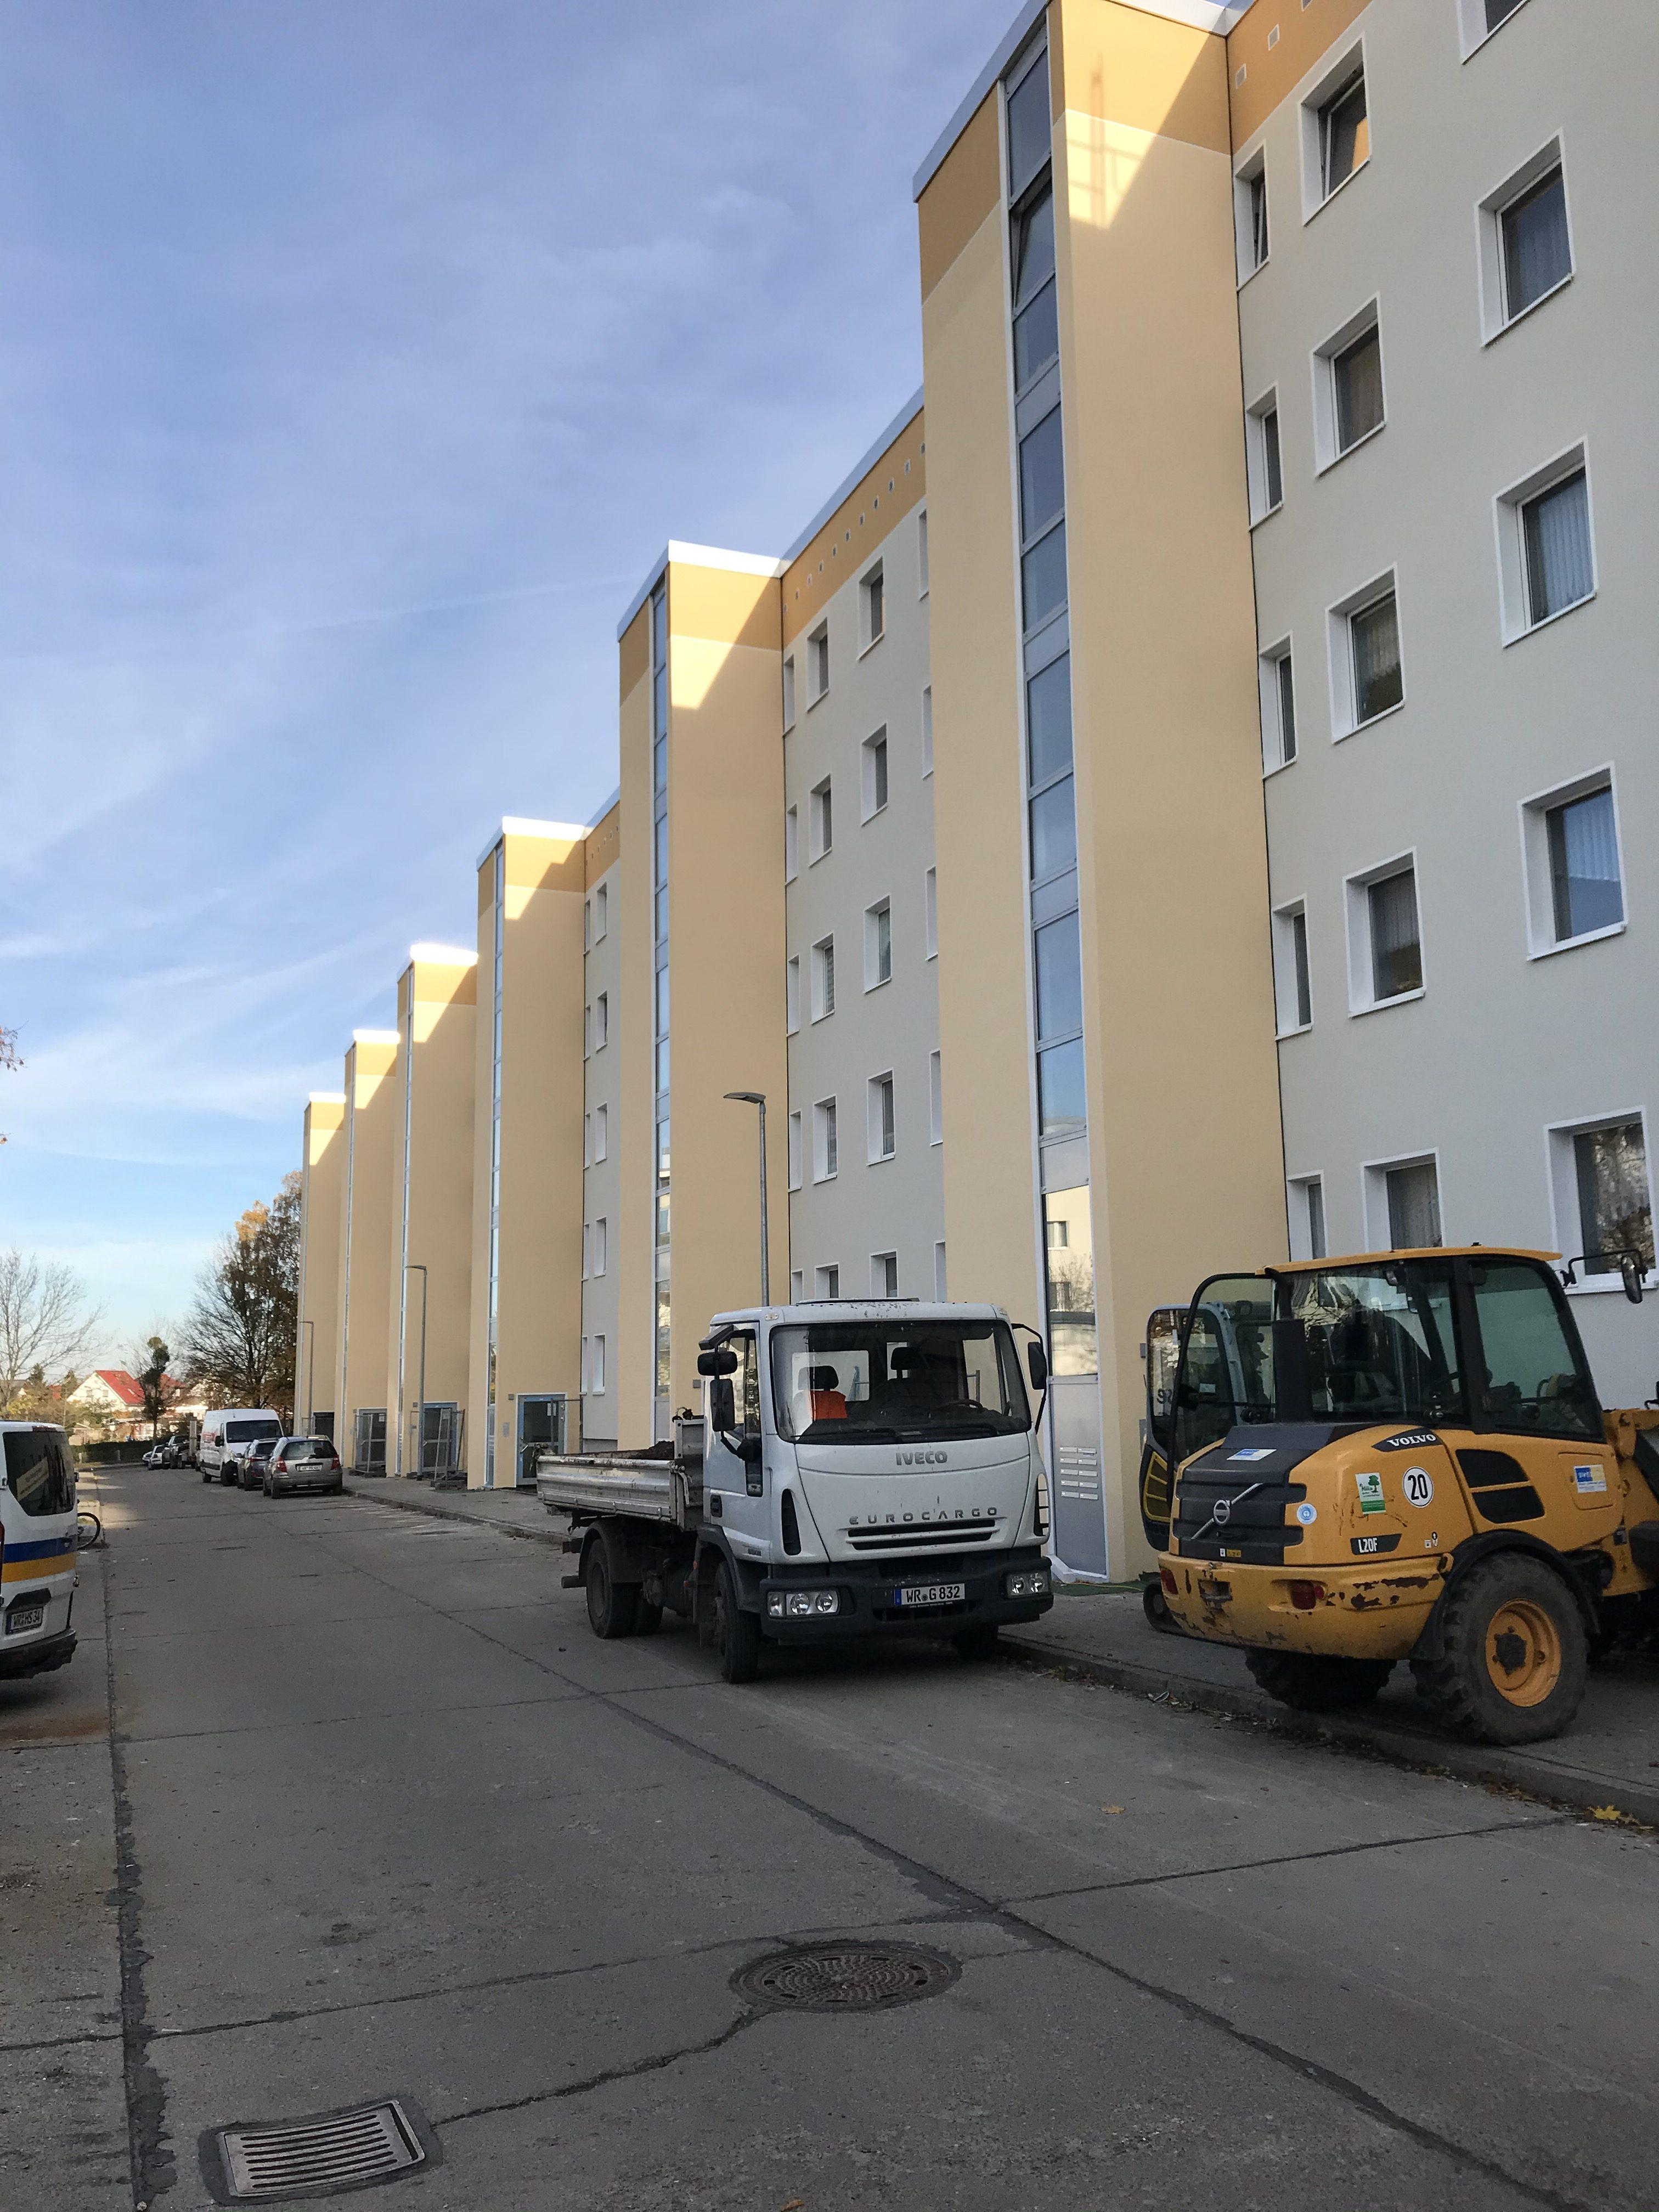 Neue Aufzüge an unseren Wohnungen in Wernigerode